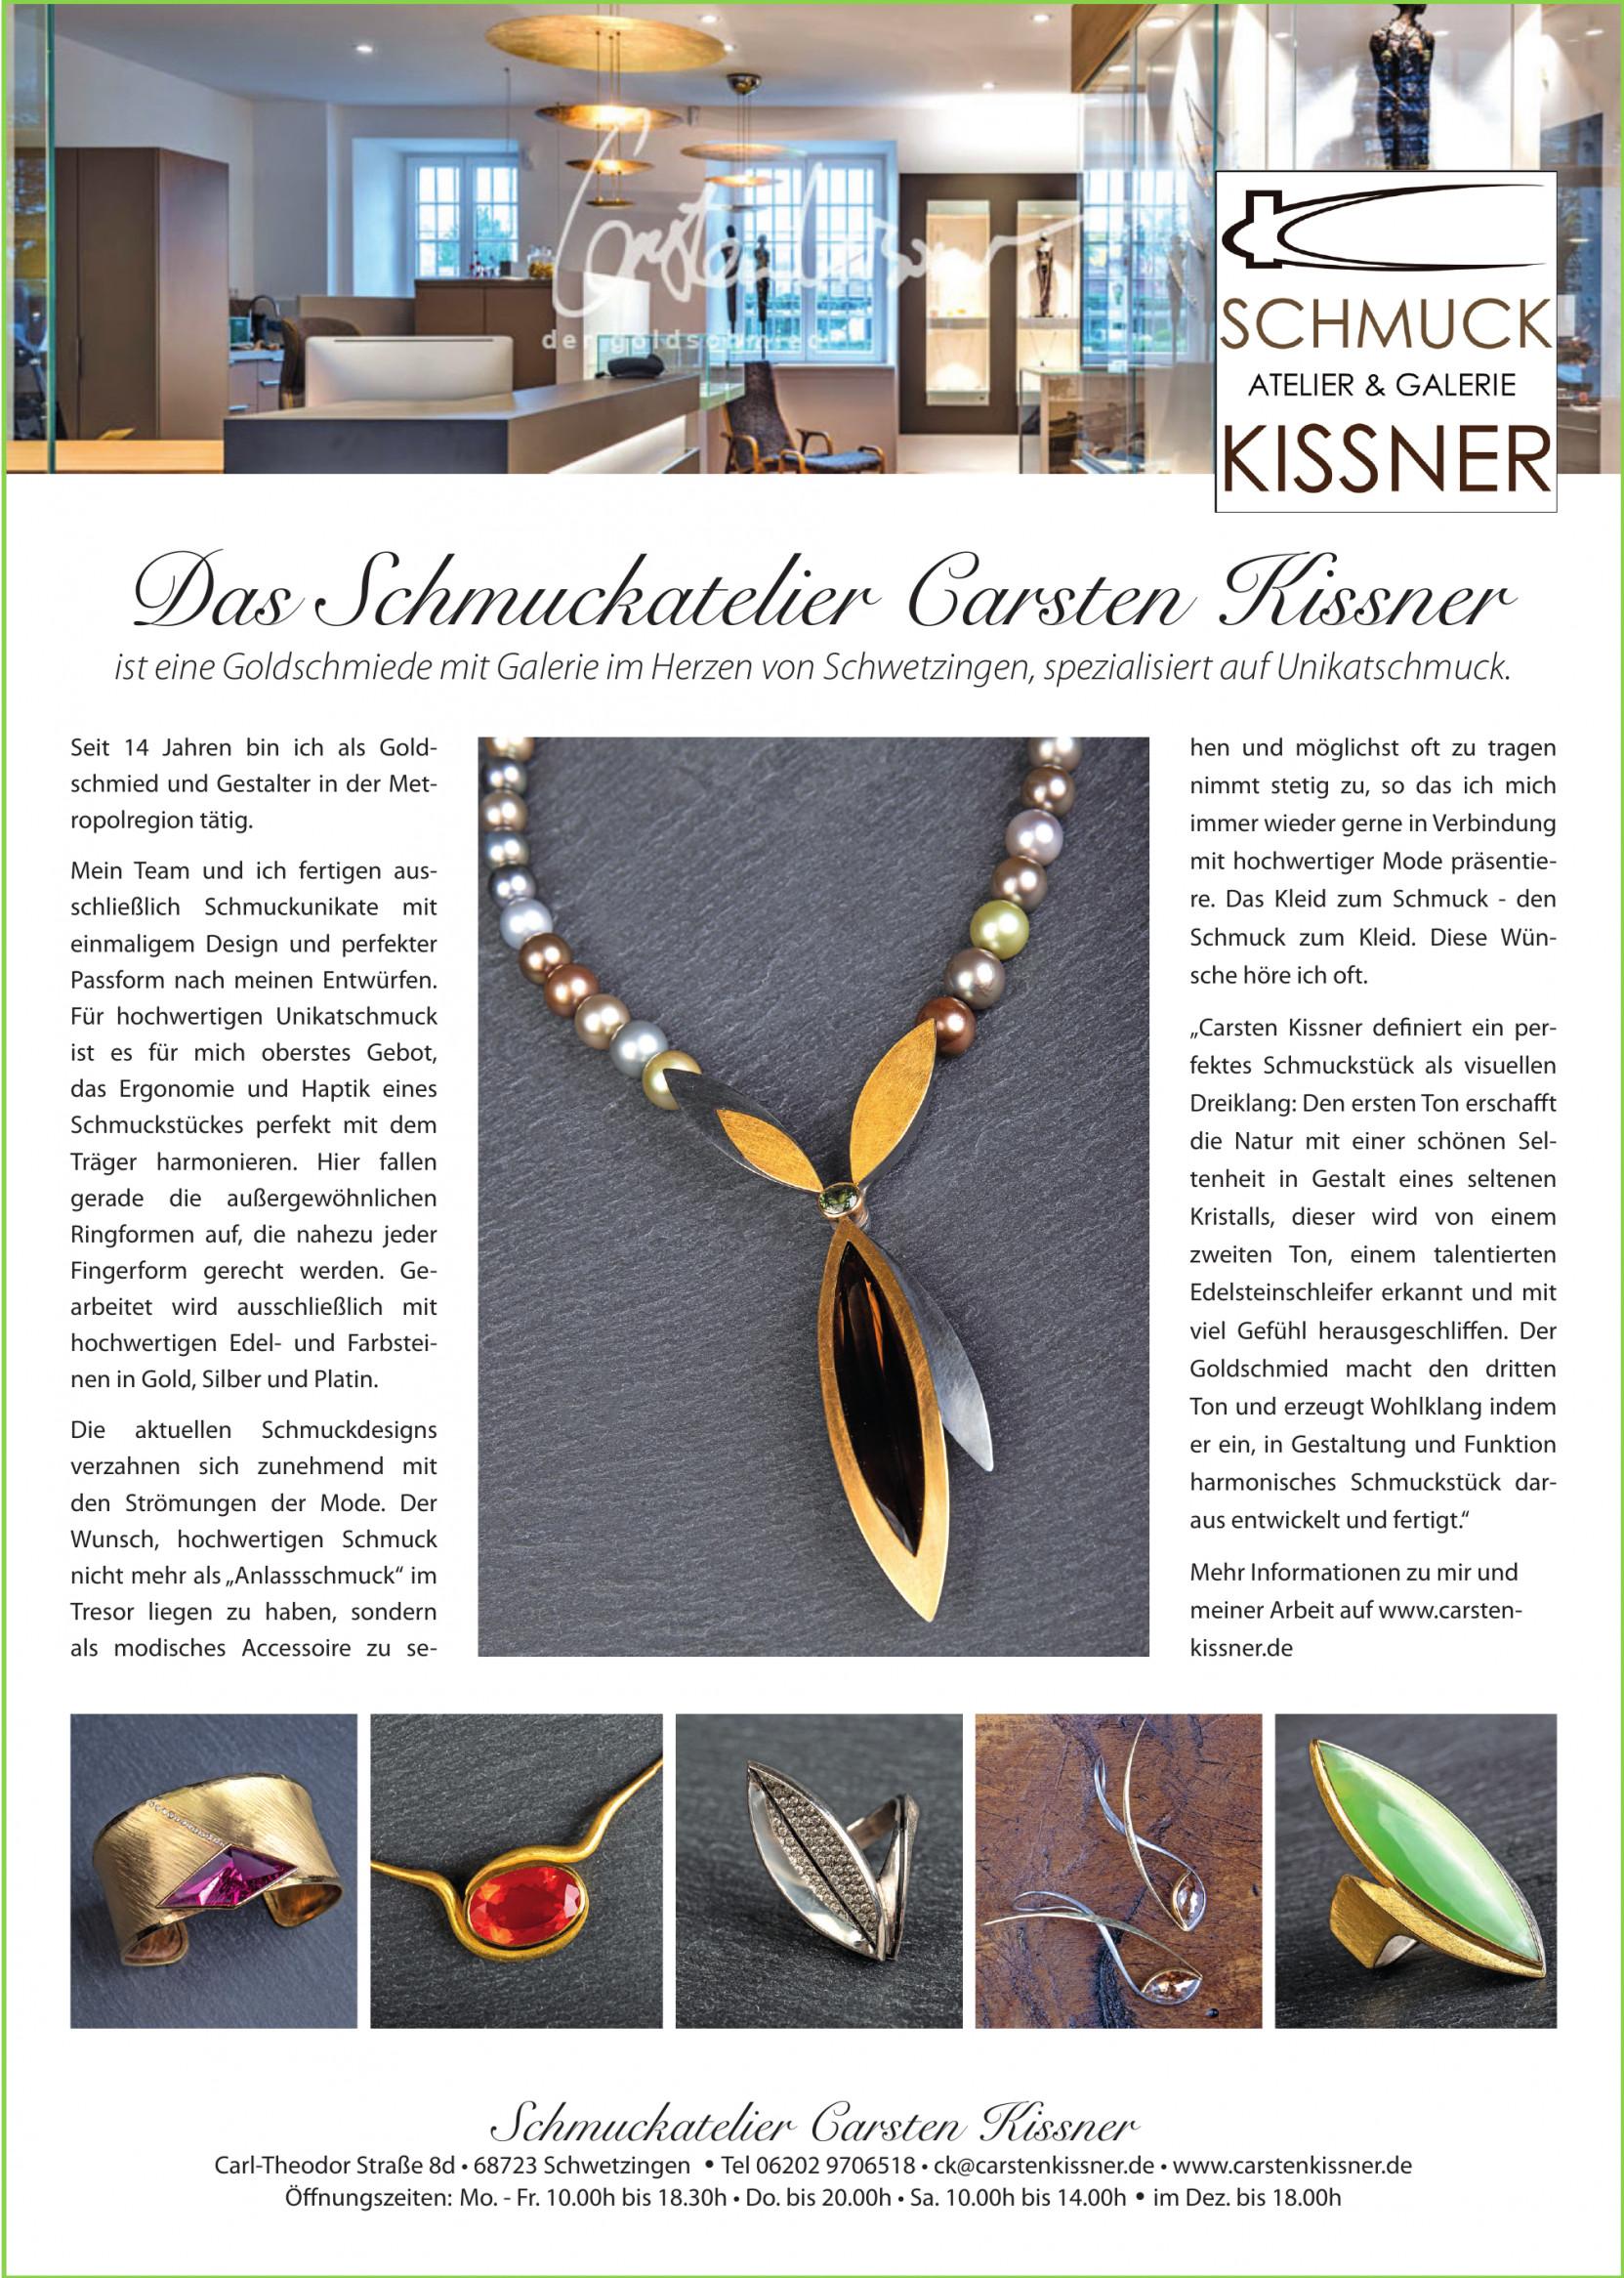 Schmuckatelier Carsten Kissner